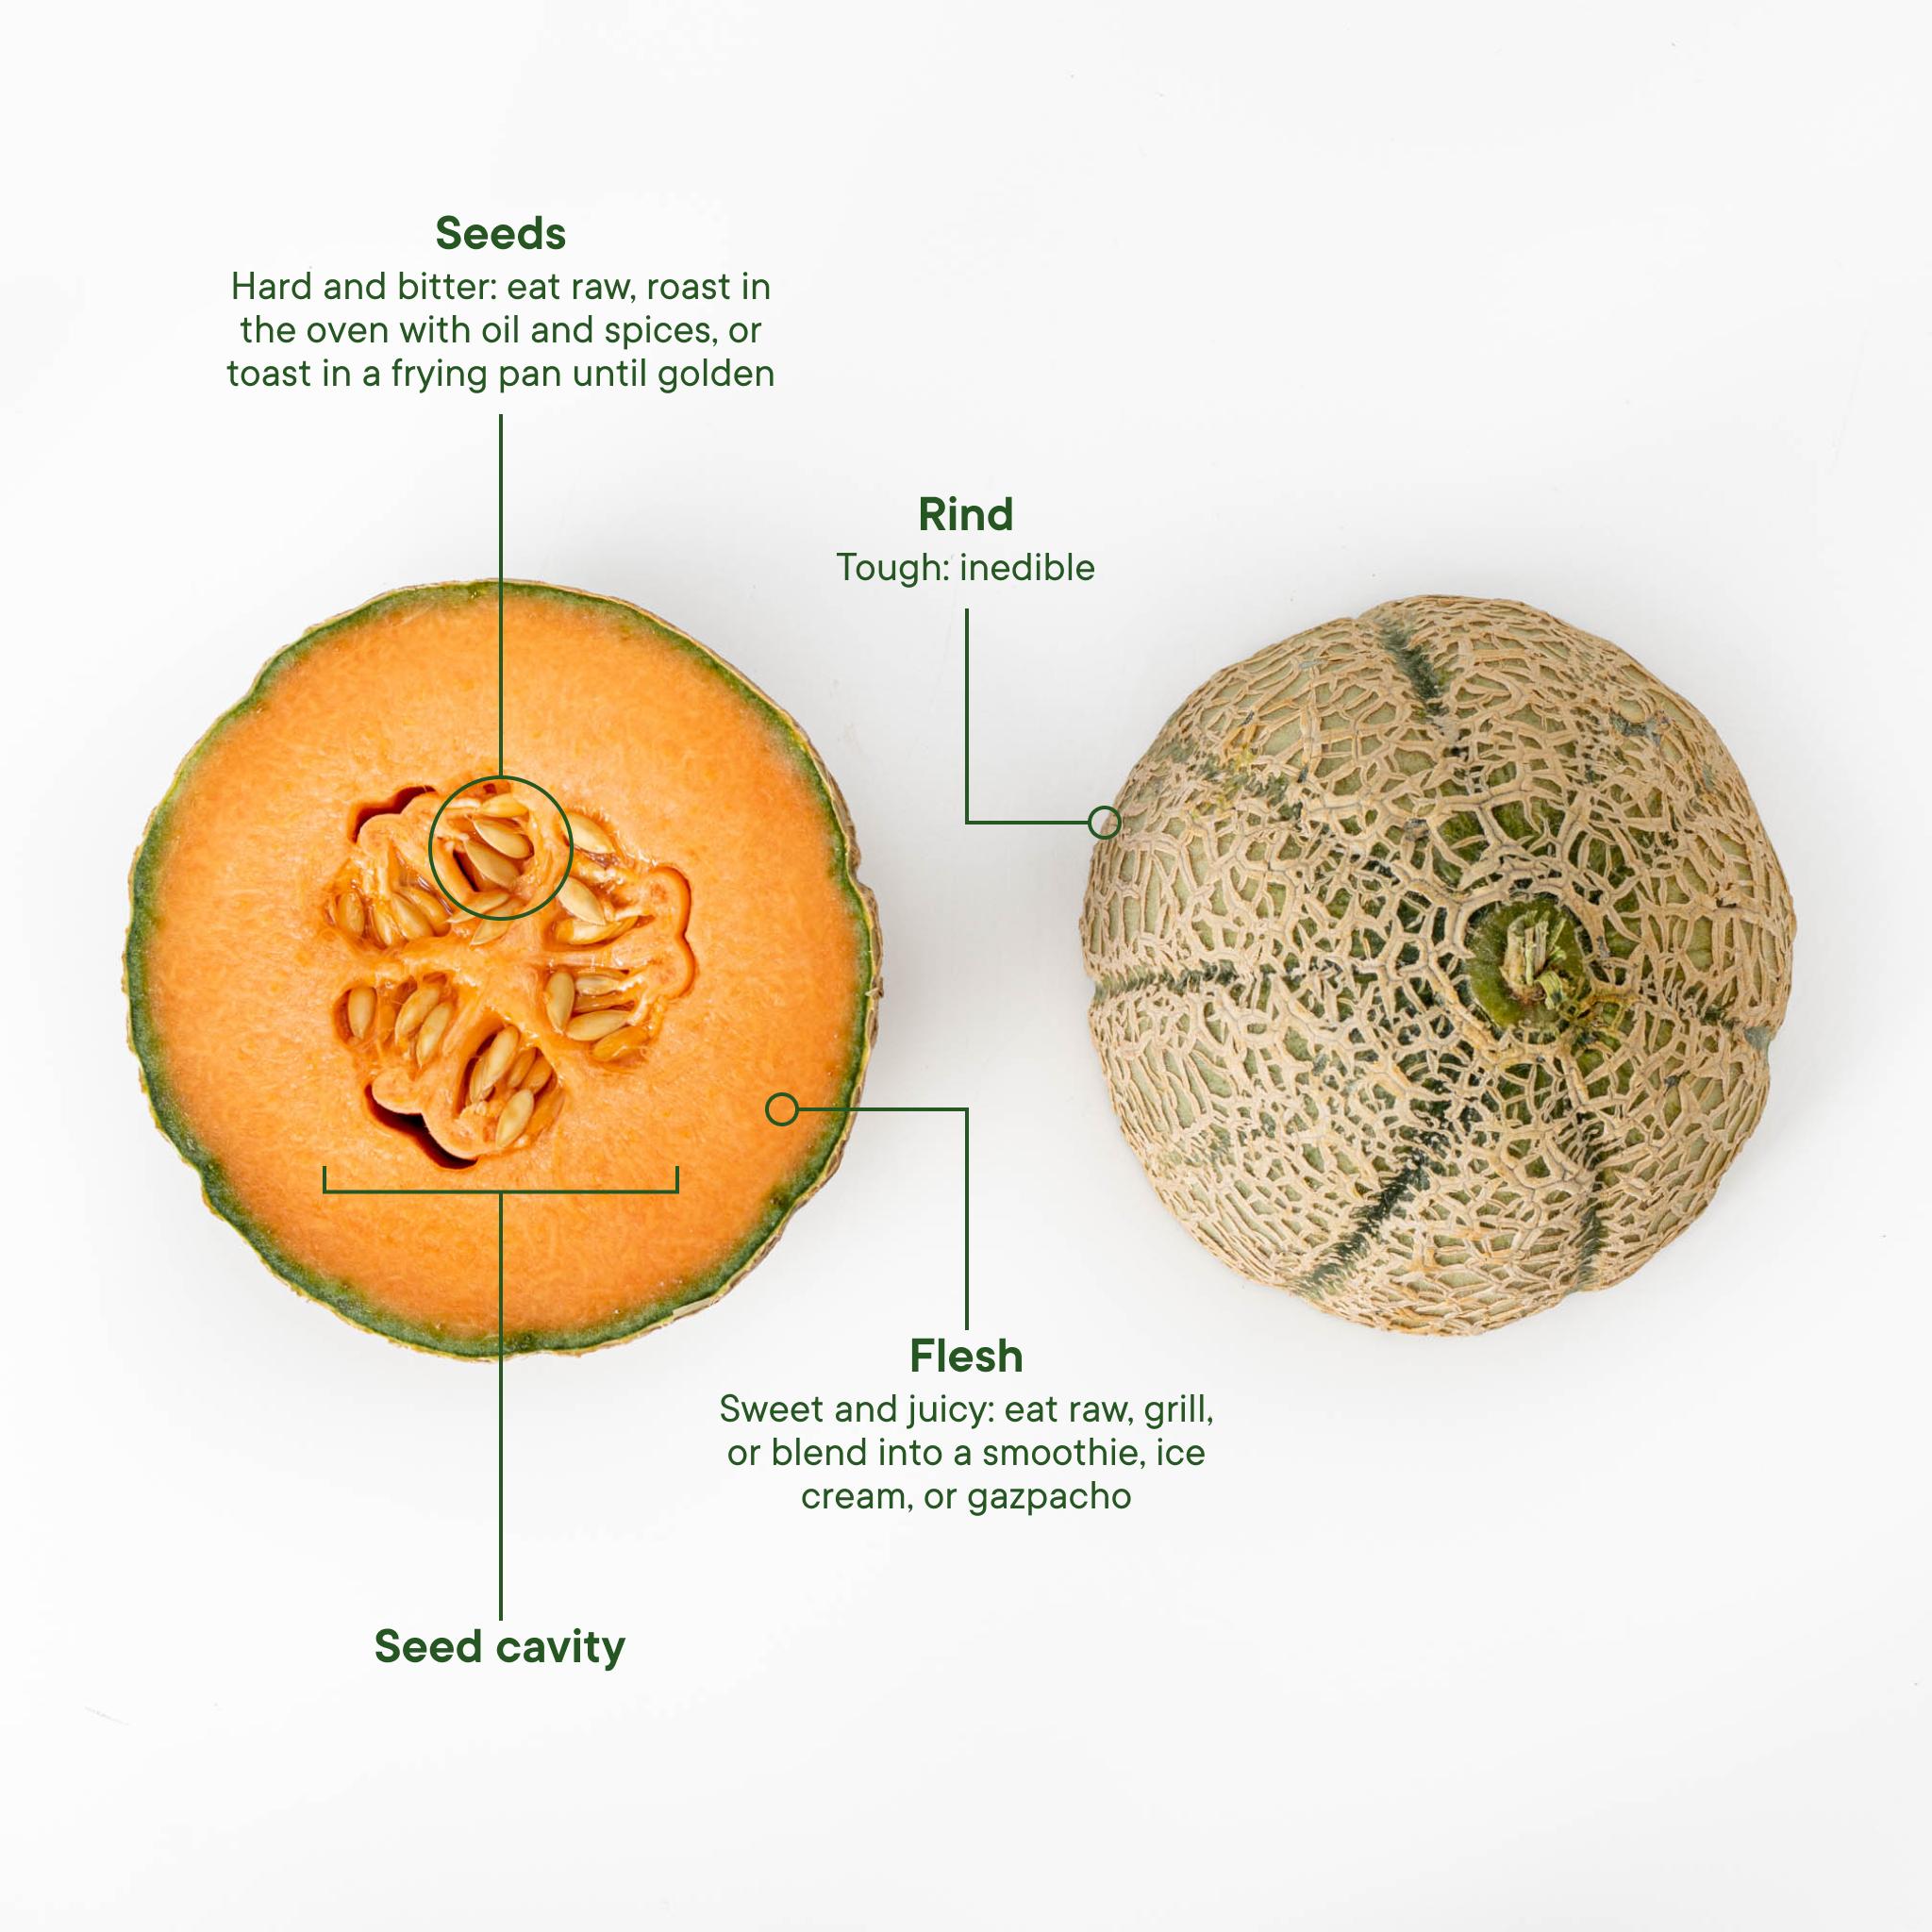 How To Prep Store And Cook With Cantaloupe Kitchen Stories Trouvez les cantaloupe images et les photos d'actualités parfaites sur getty images. cook with cantaloupe